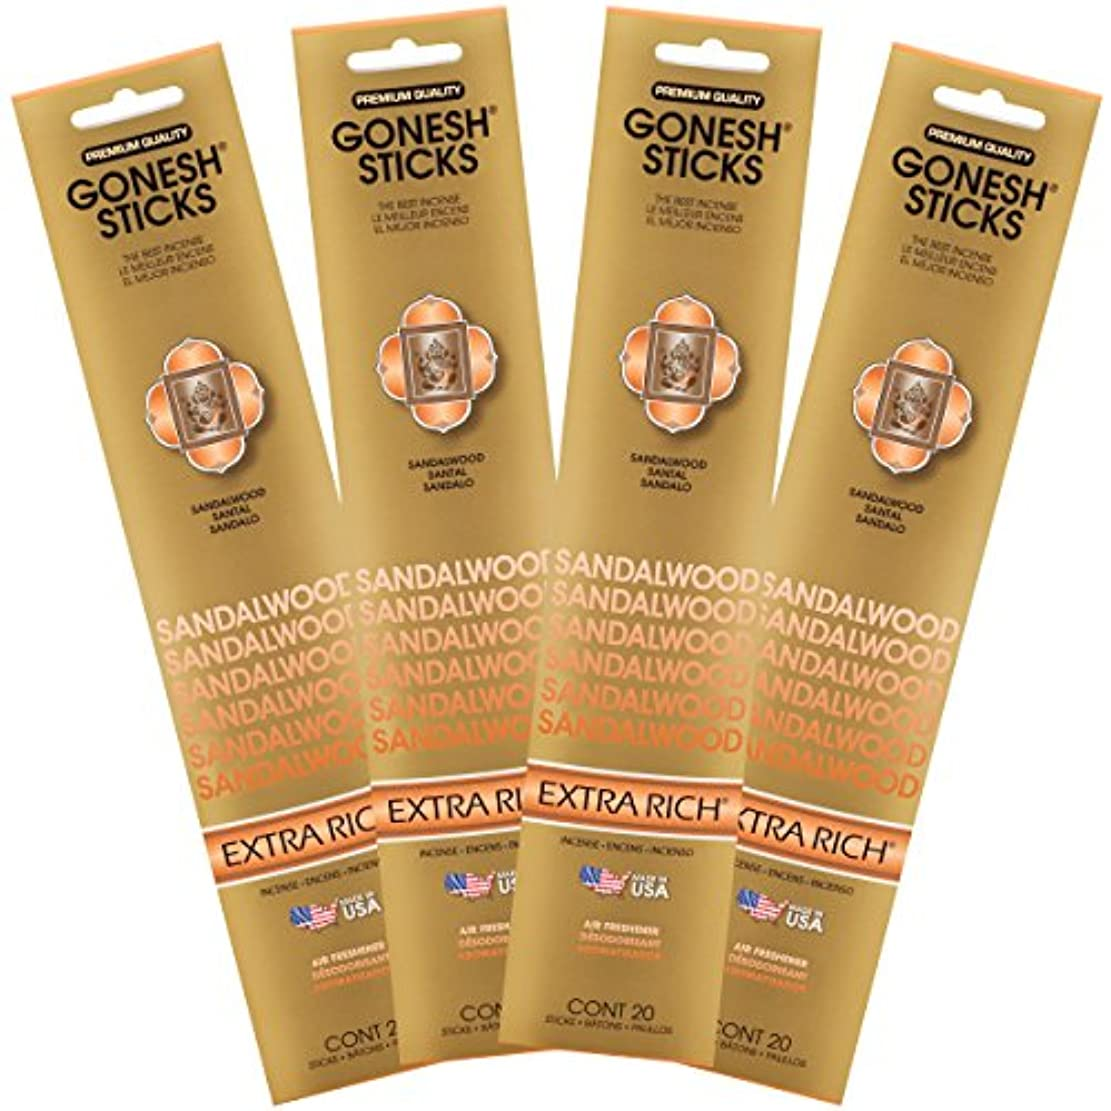 教優れた海外で(Set of Four 20-Stick Packs) - Sandalwood - 4 PACK- Extra Rich Incense by GONESH